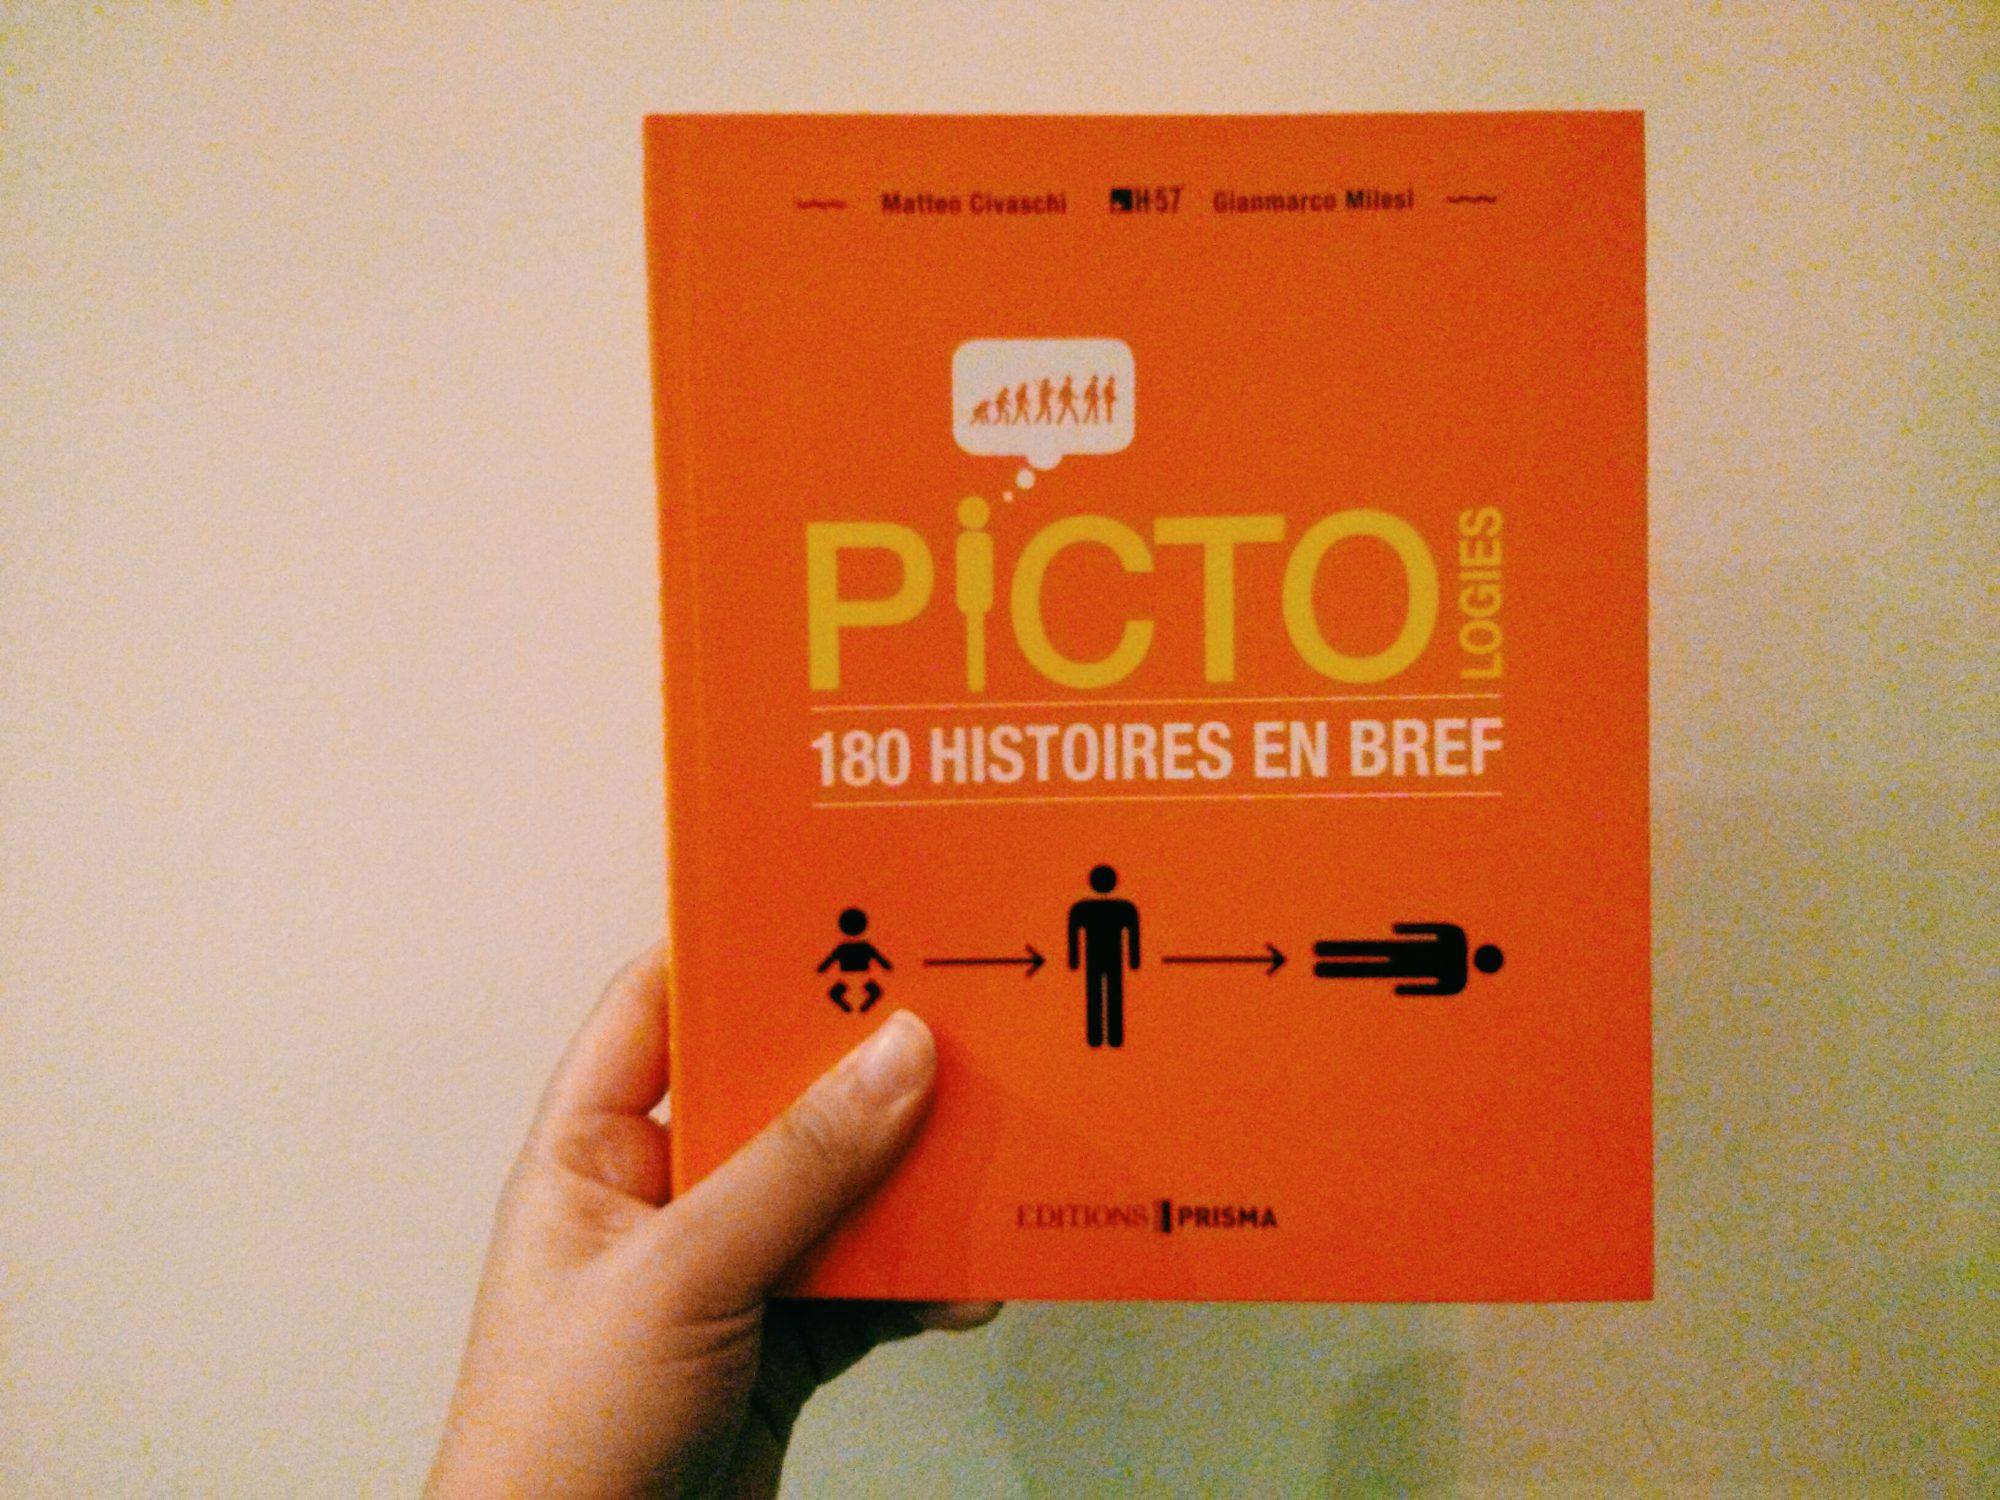 Pictologies, 180 histoires en bref